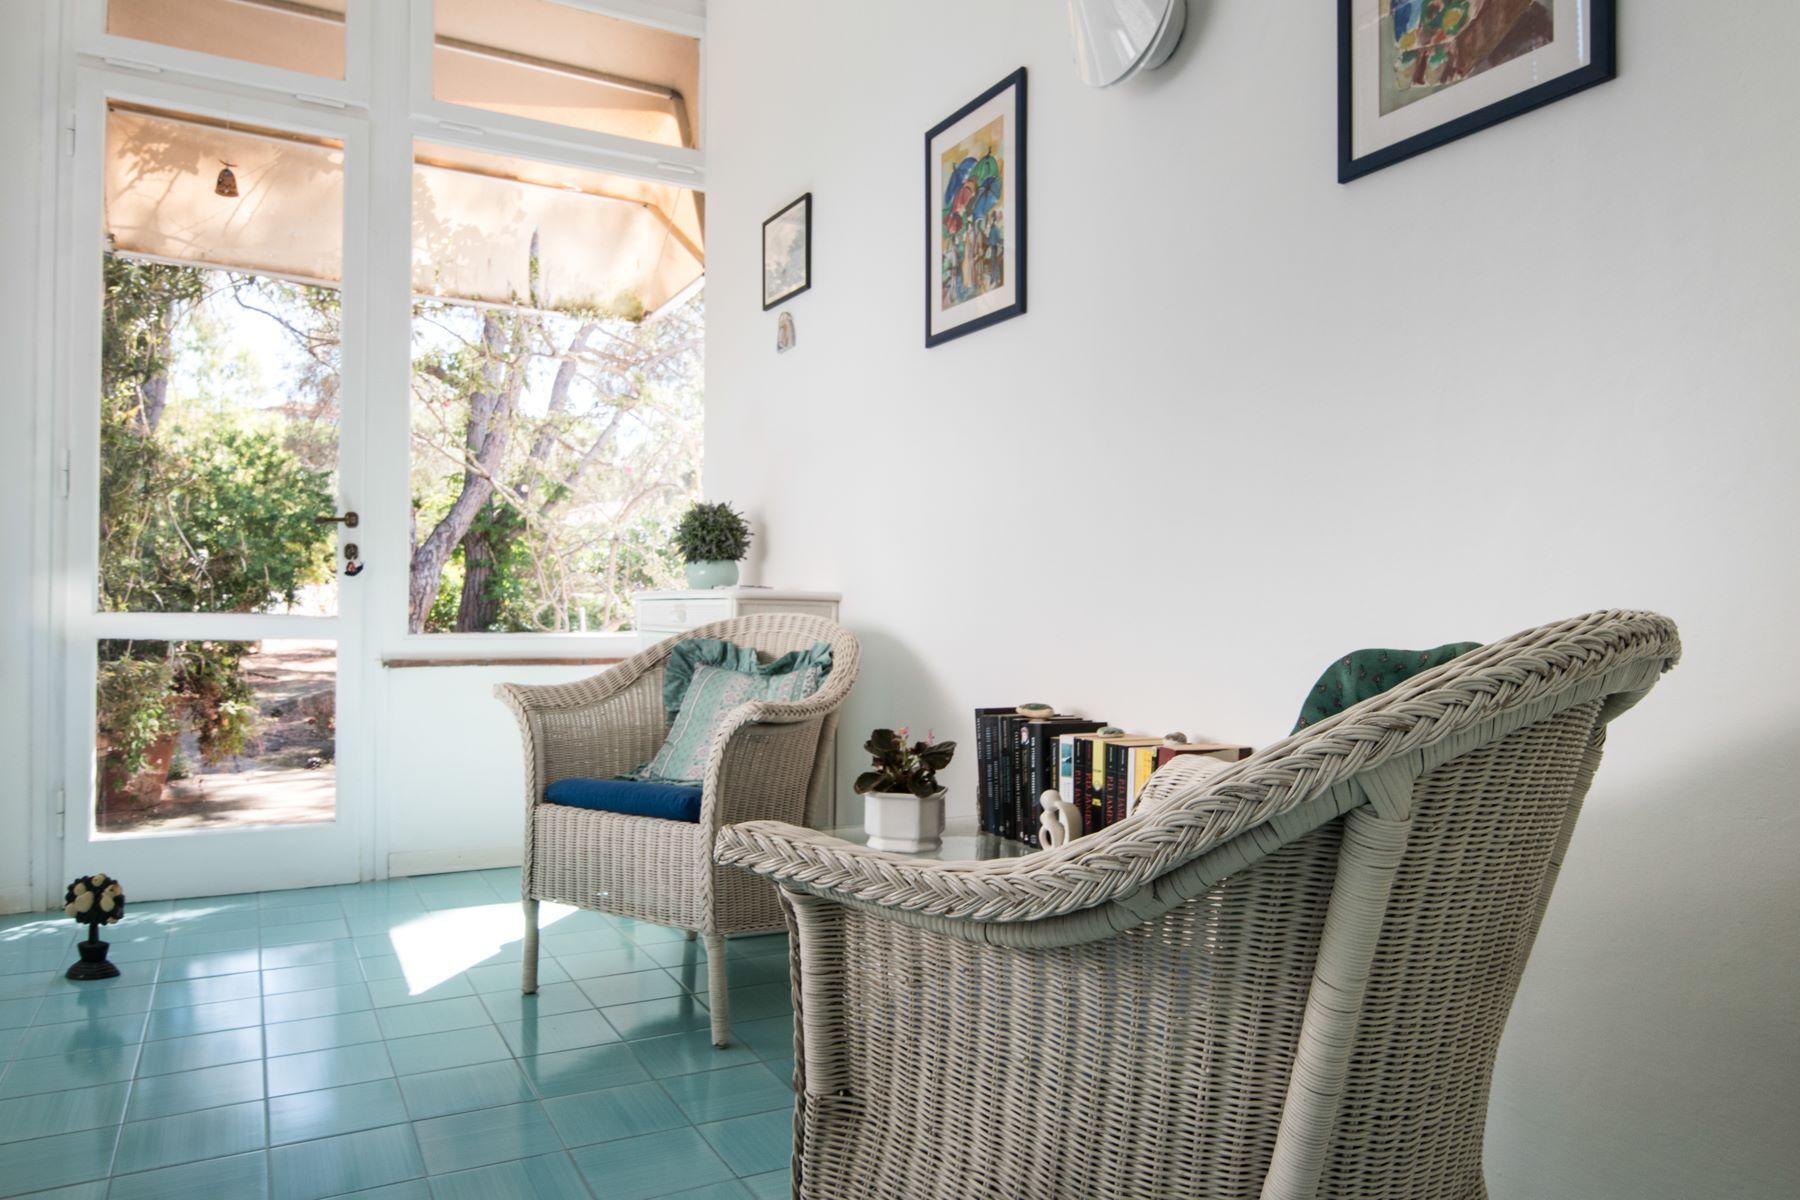 Additional photo for property listing at Unique beachfront villa with pool Via Einaudi Portoferraio, Livorno 57014 Italia